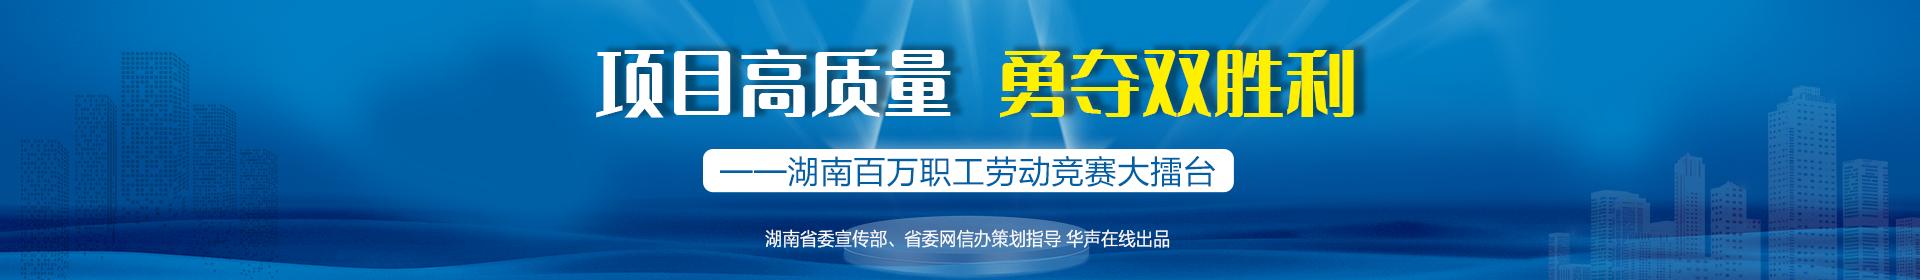 项目高质量 勇夺双胜利——湖南百万职工劳动竞赛大擂台